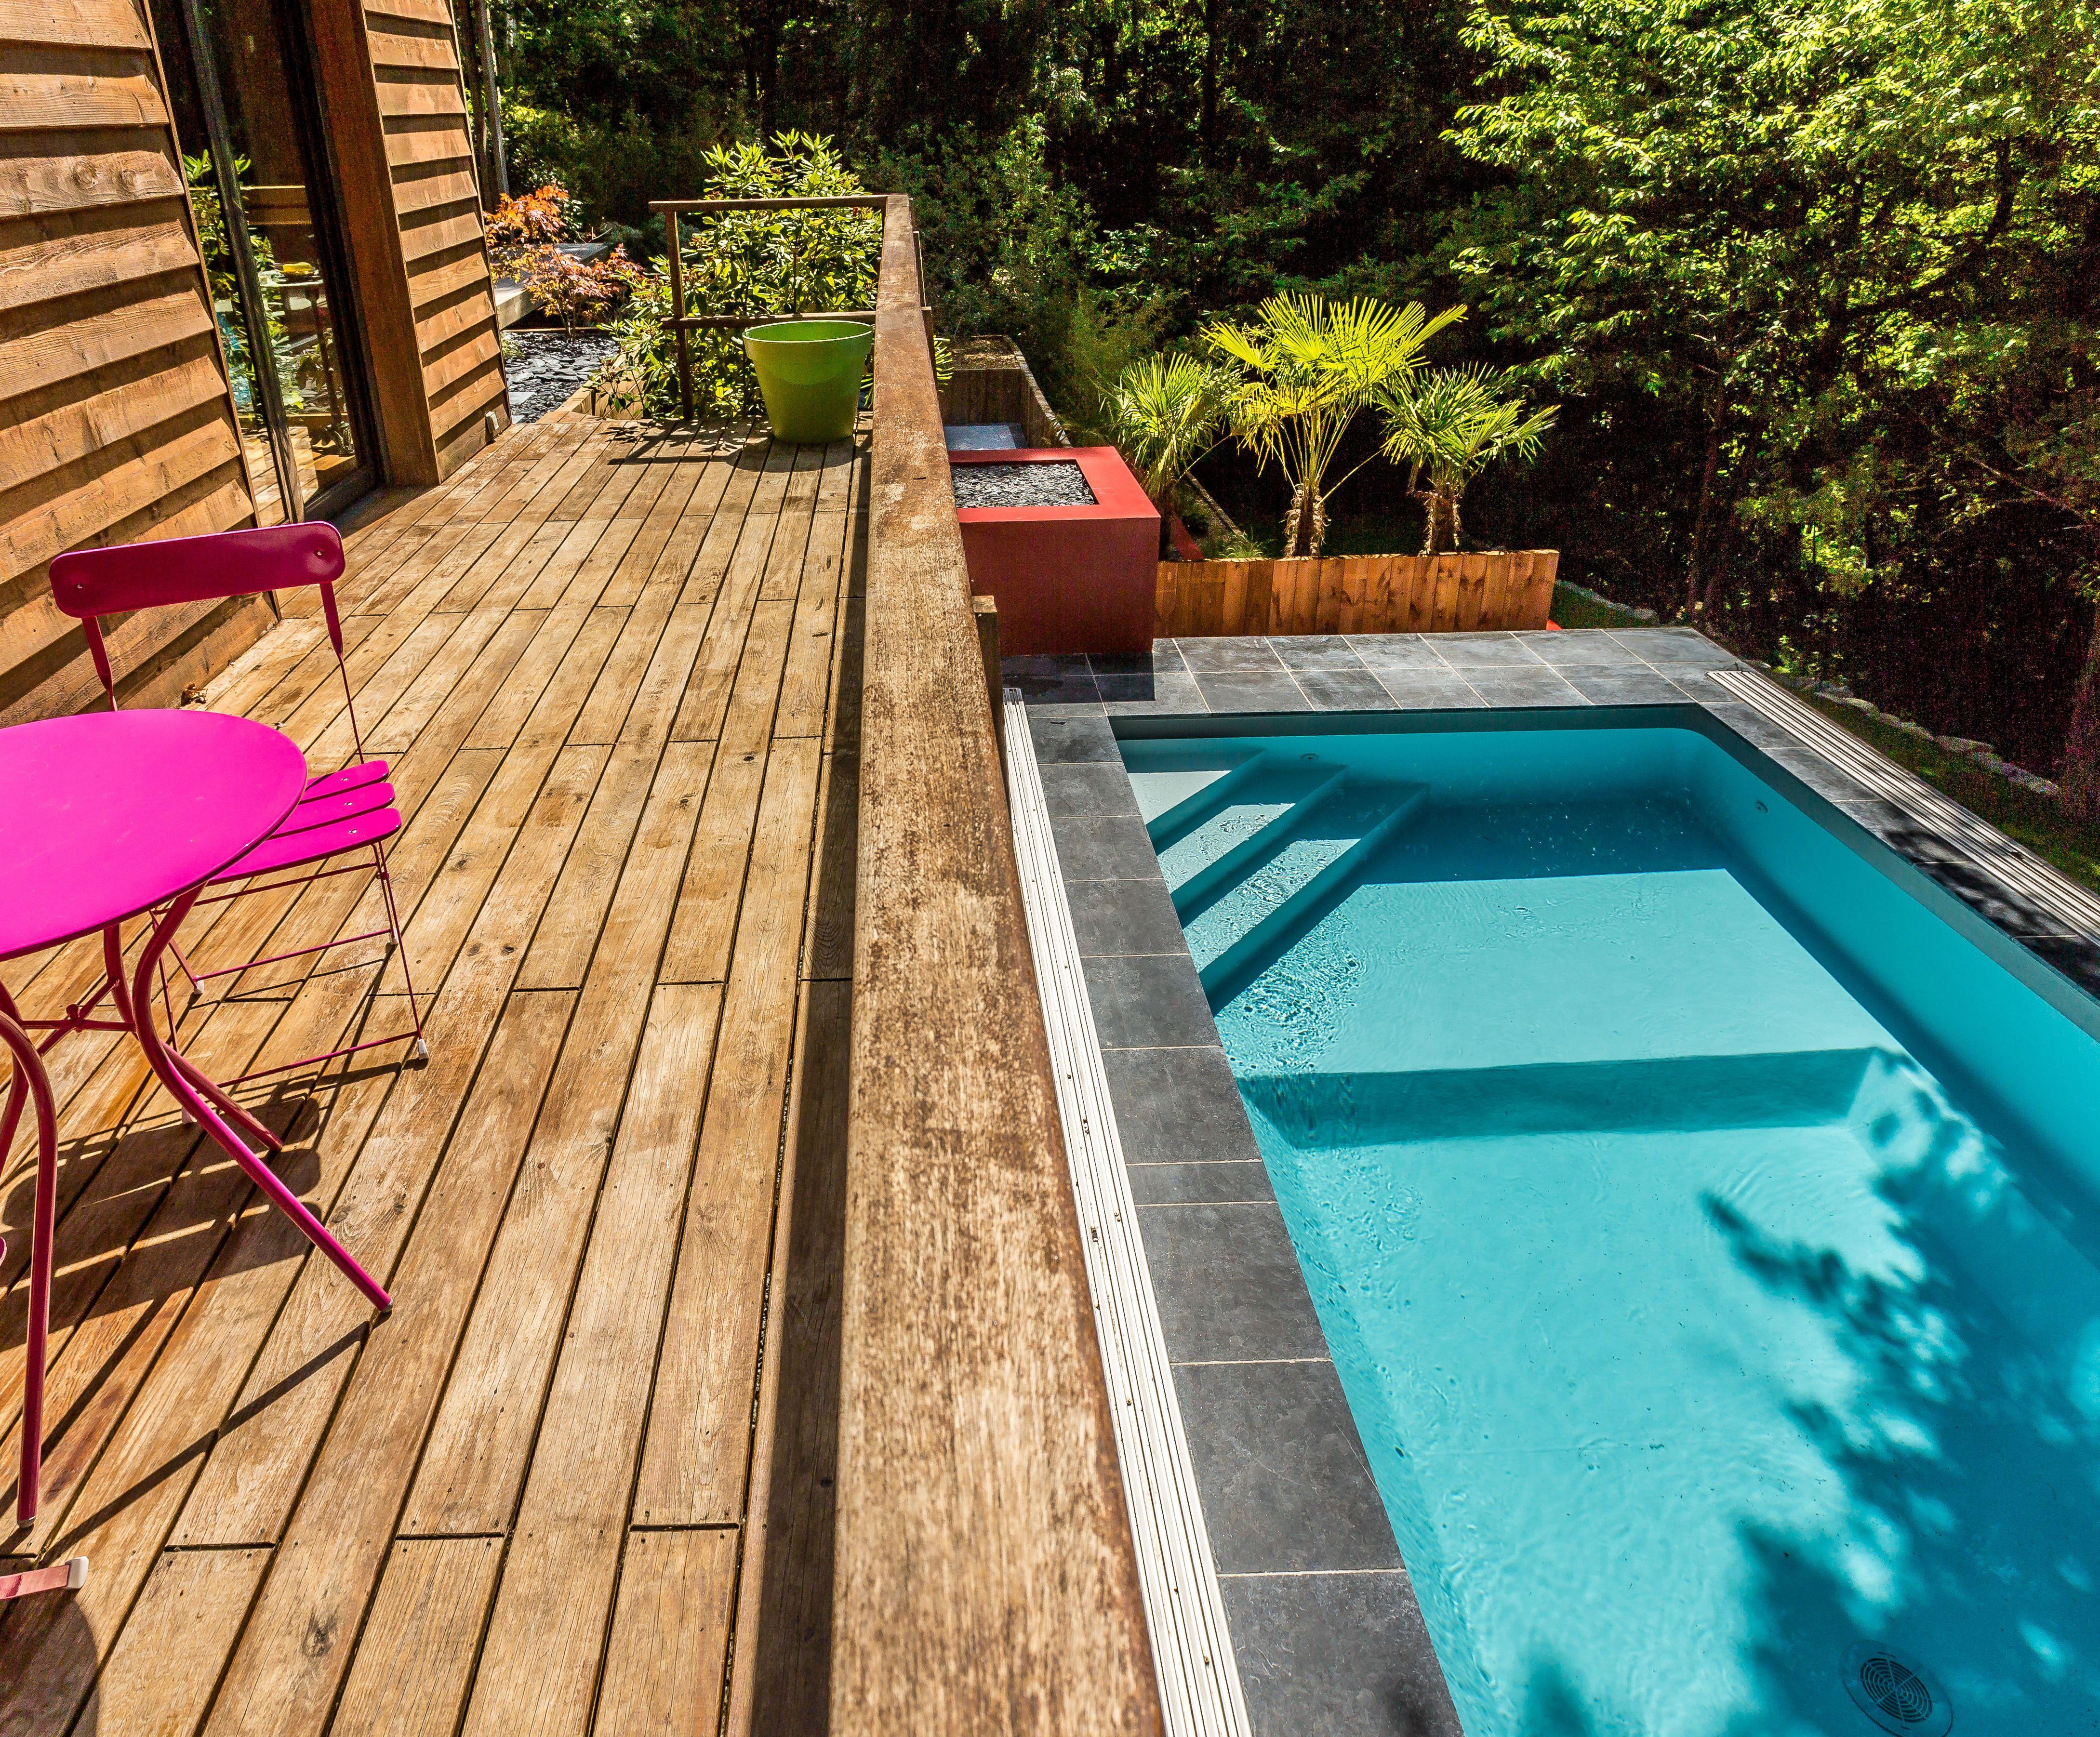 jardin exotique avec piscine. Esprit jungle sauvage. Palmier, fleurs ...